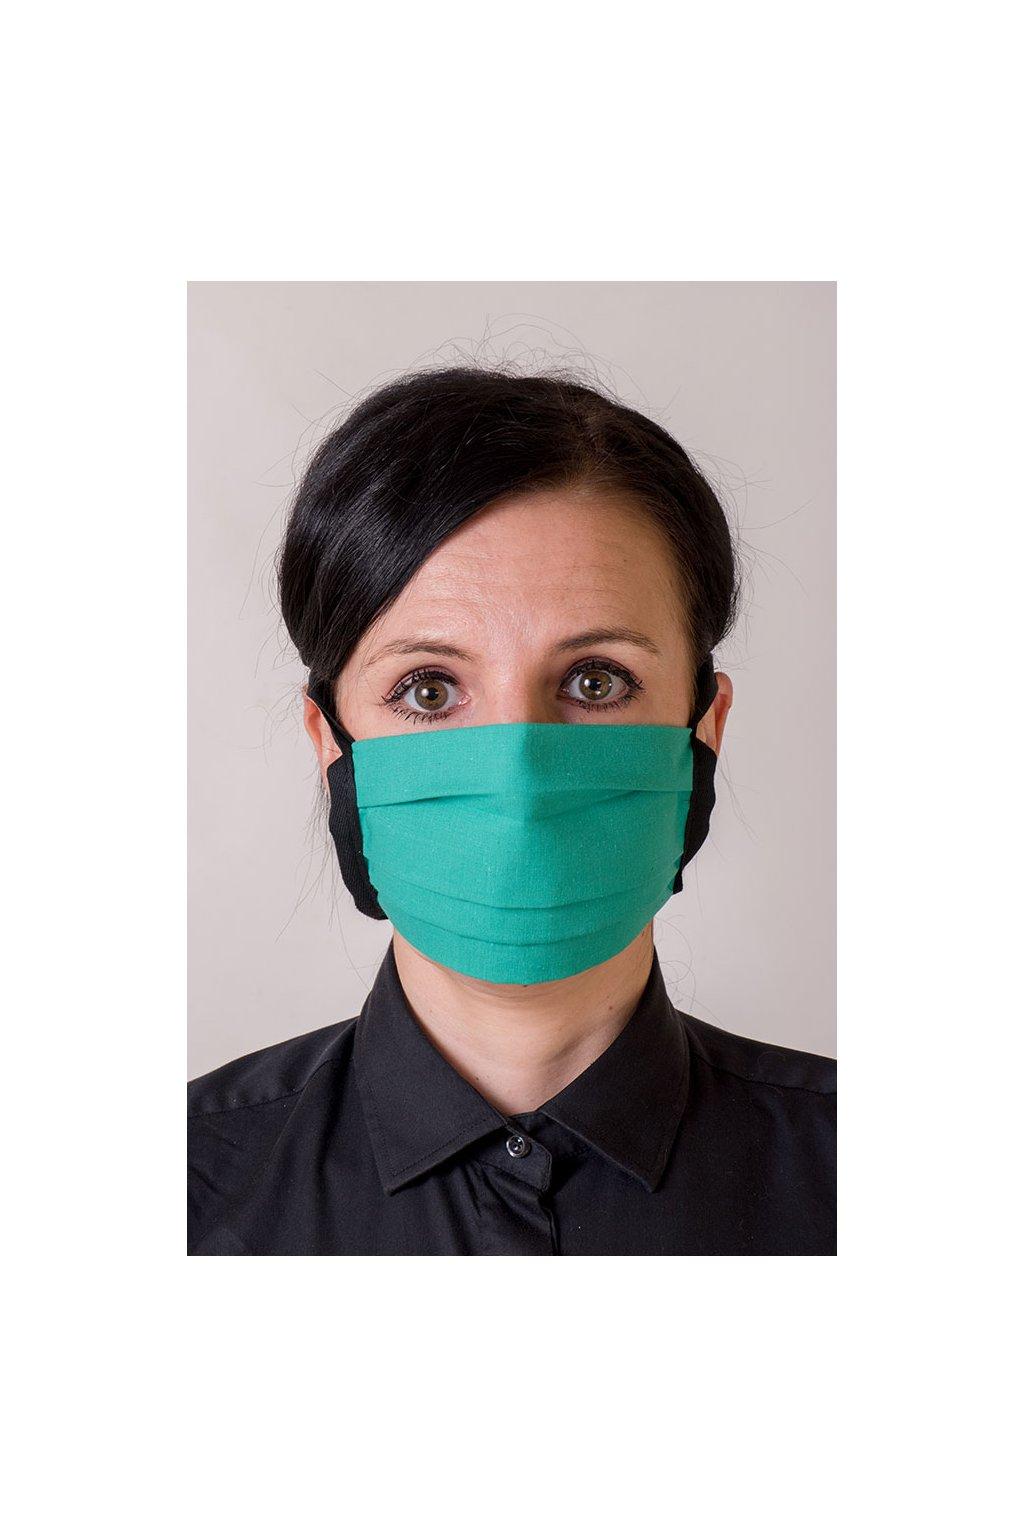 Bavlněná rouška na ústa a nos dvouvrstvá skládaná s kapsou, se šňůrami z keprové stuhy, 797-210, Zelená